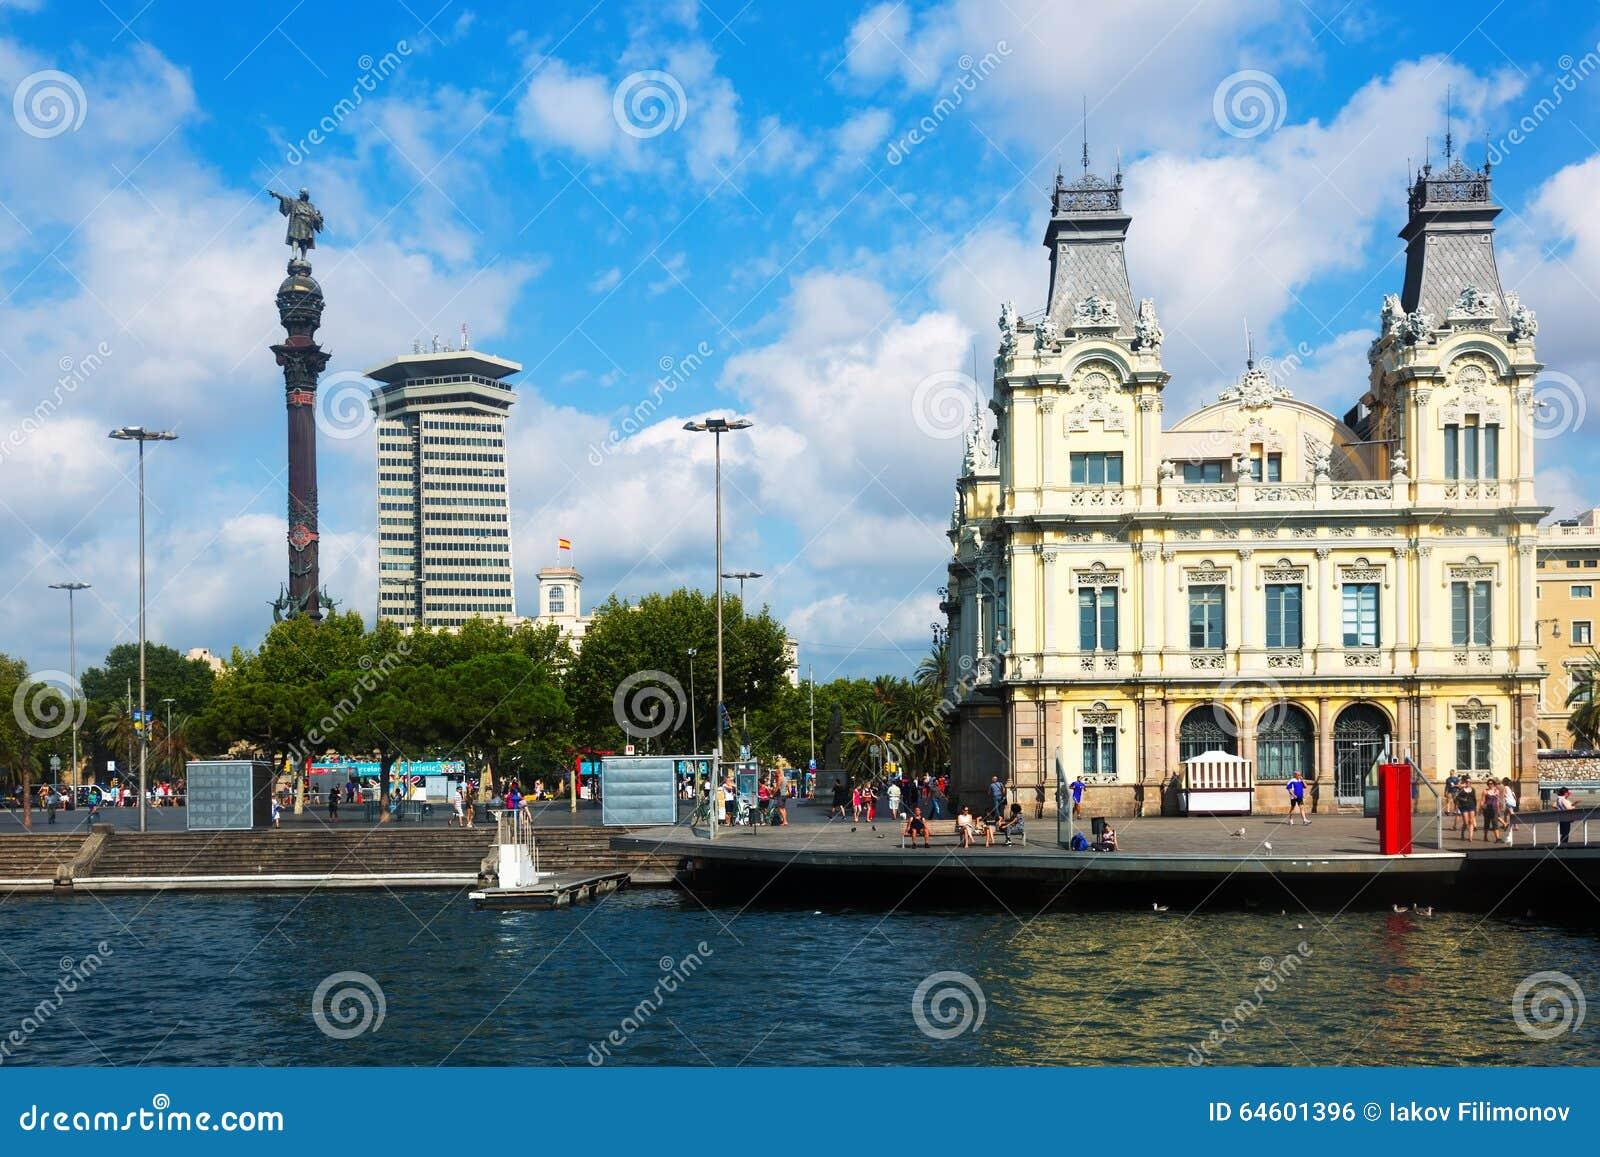 Statua di Columbus a porto Vell a Barcellona